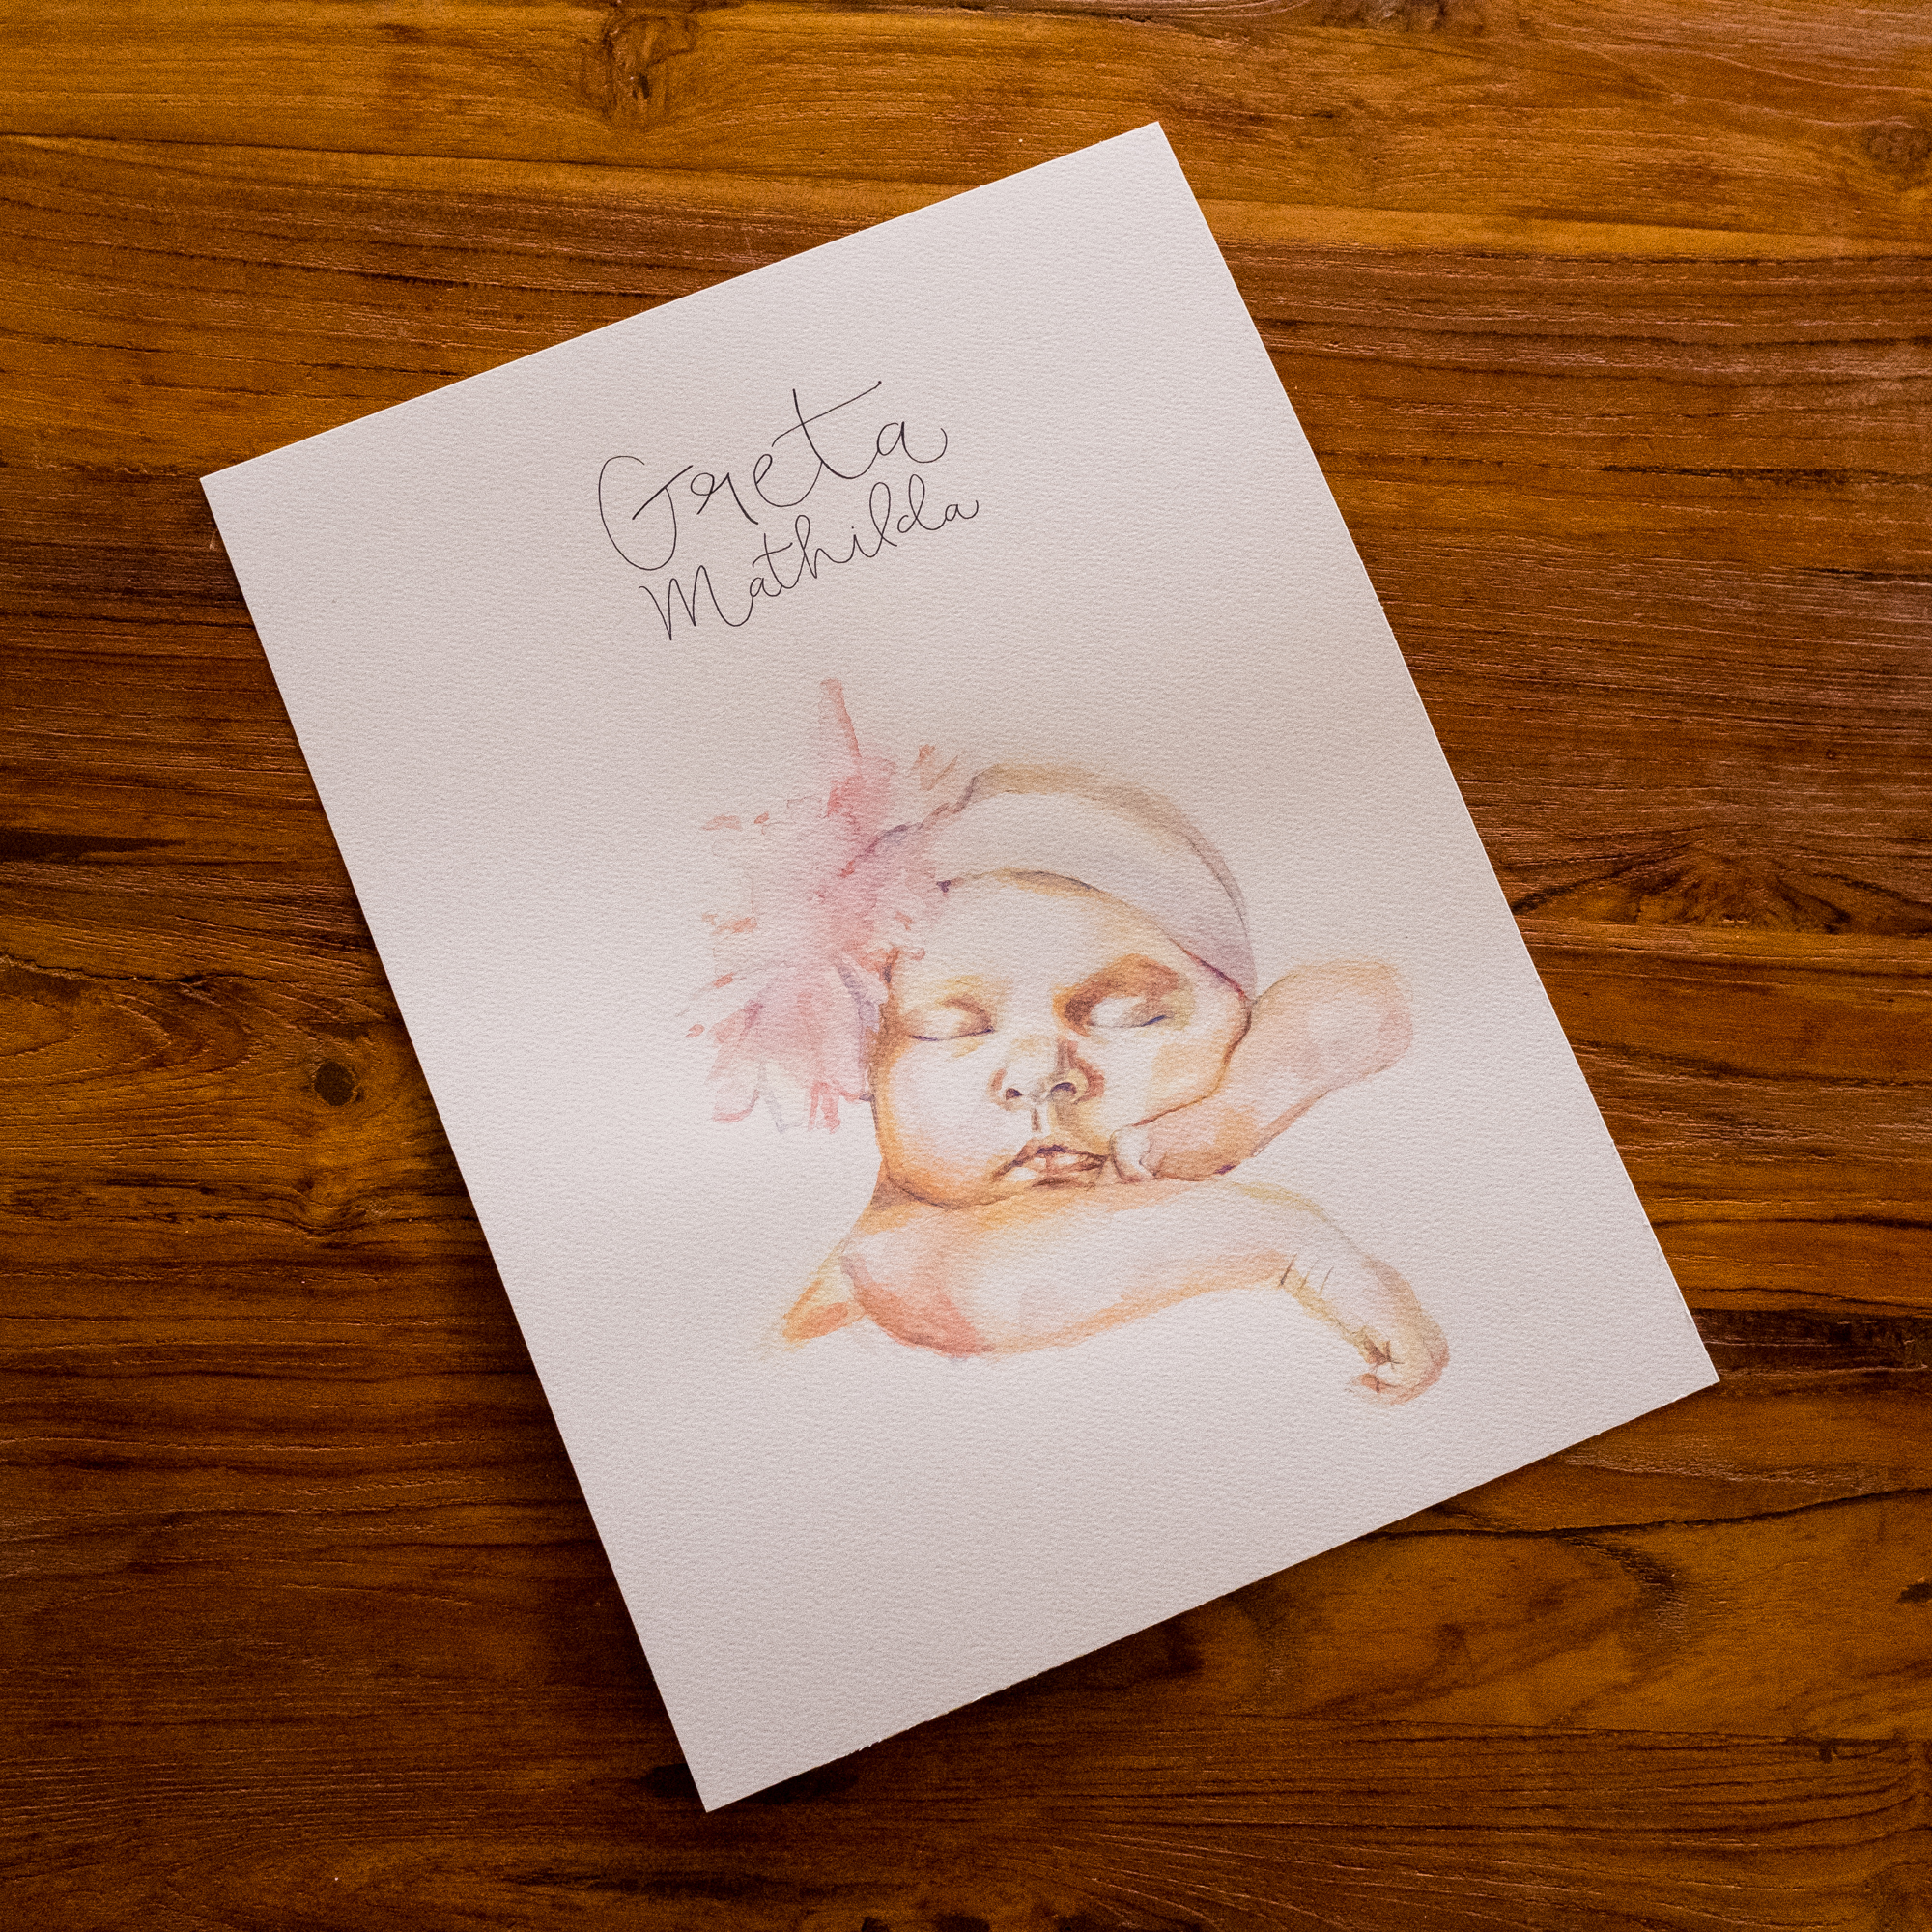 Ein Babyporträt mi Aquarelltechnik gemalt und dem Namen in Handschrift.